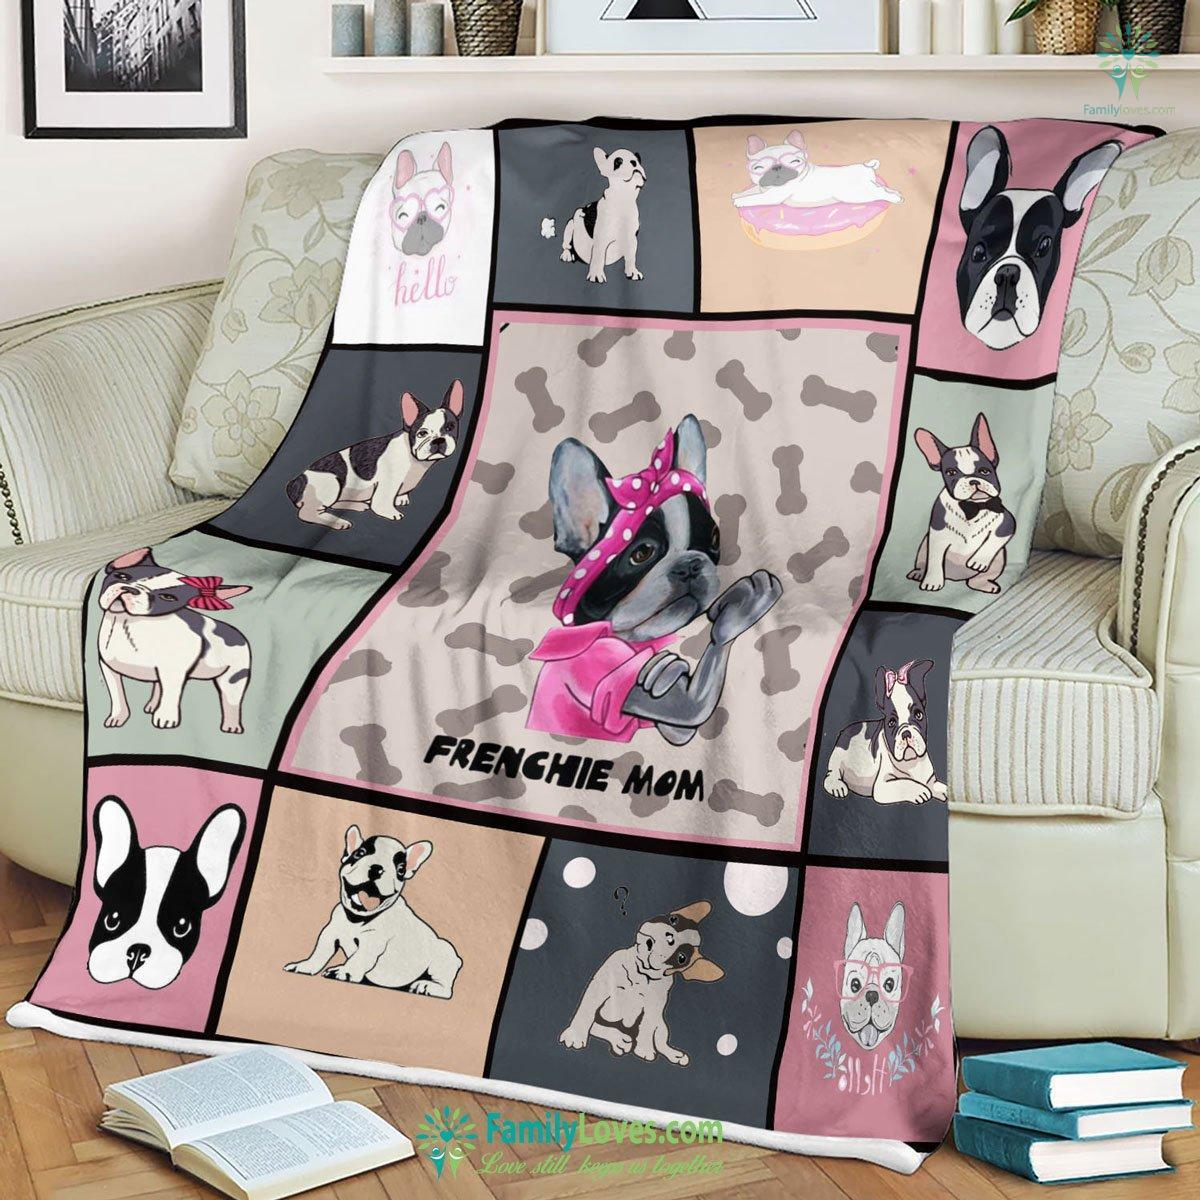 French Bulldog Blanket 18 Familyloves.com